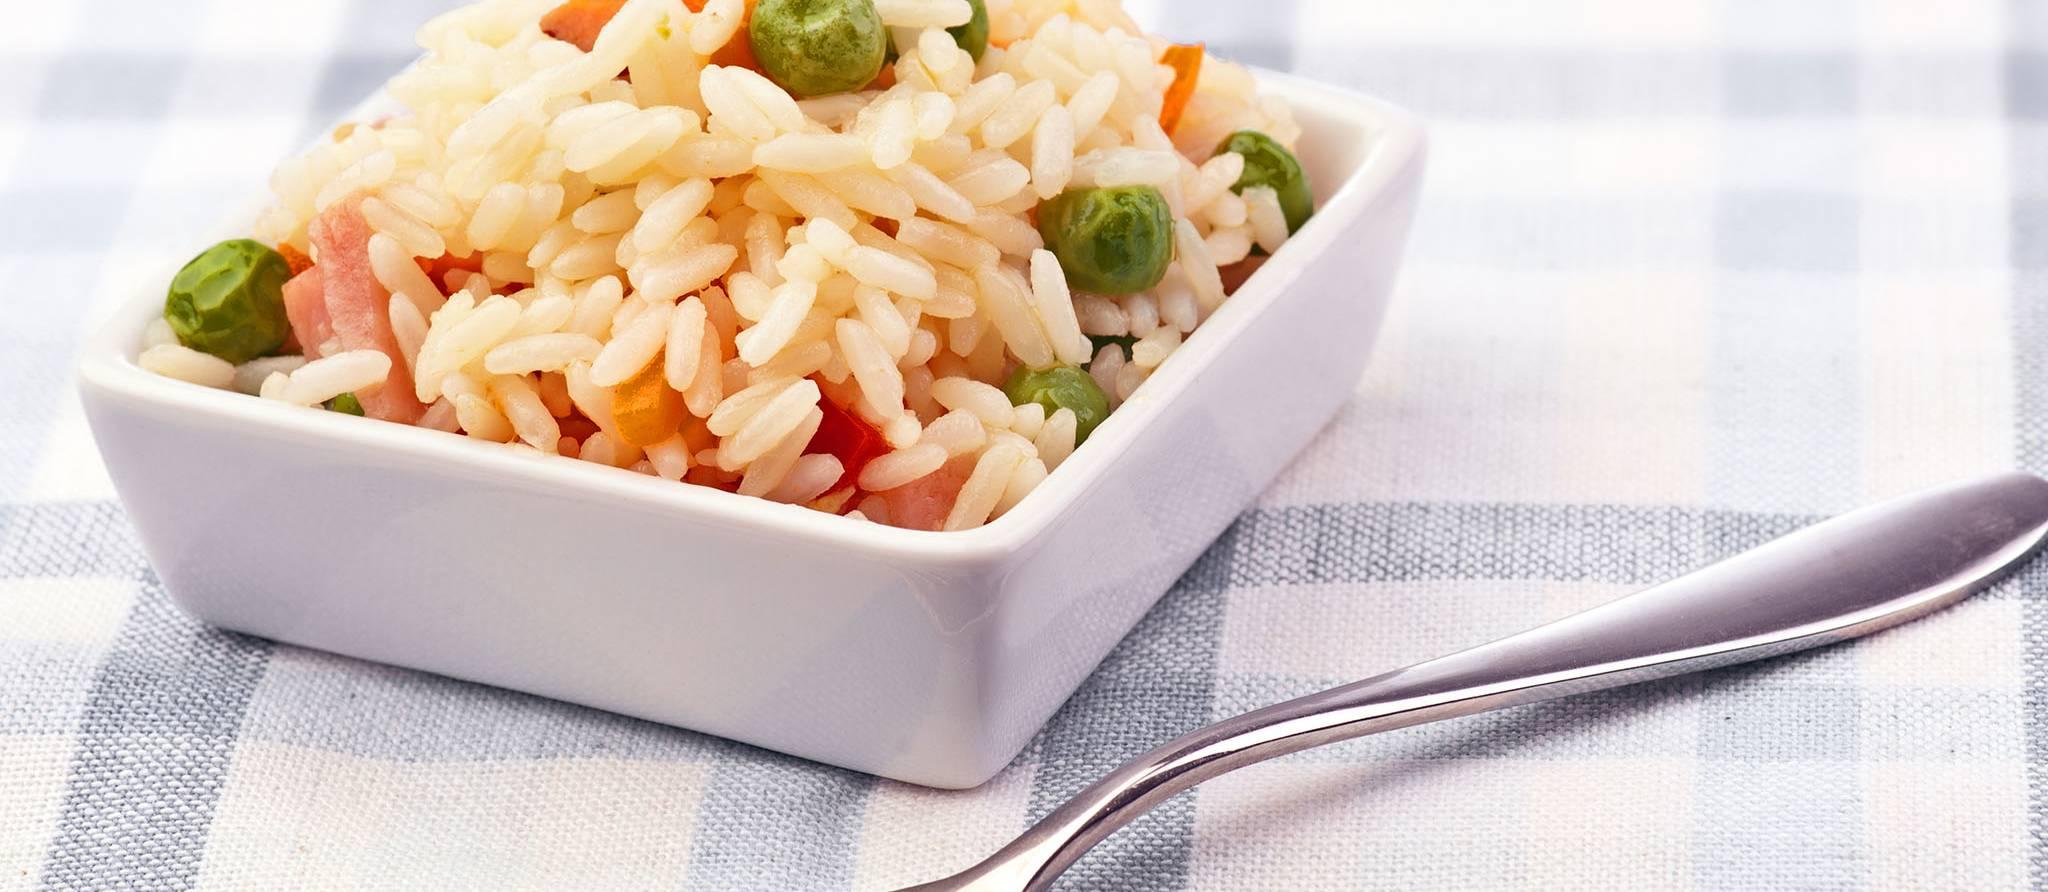 Produits alimentaires: gare aux portions de référence irréalistes!